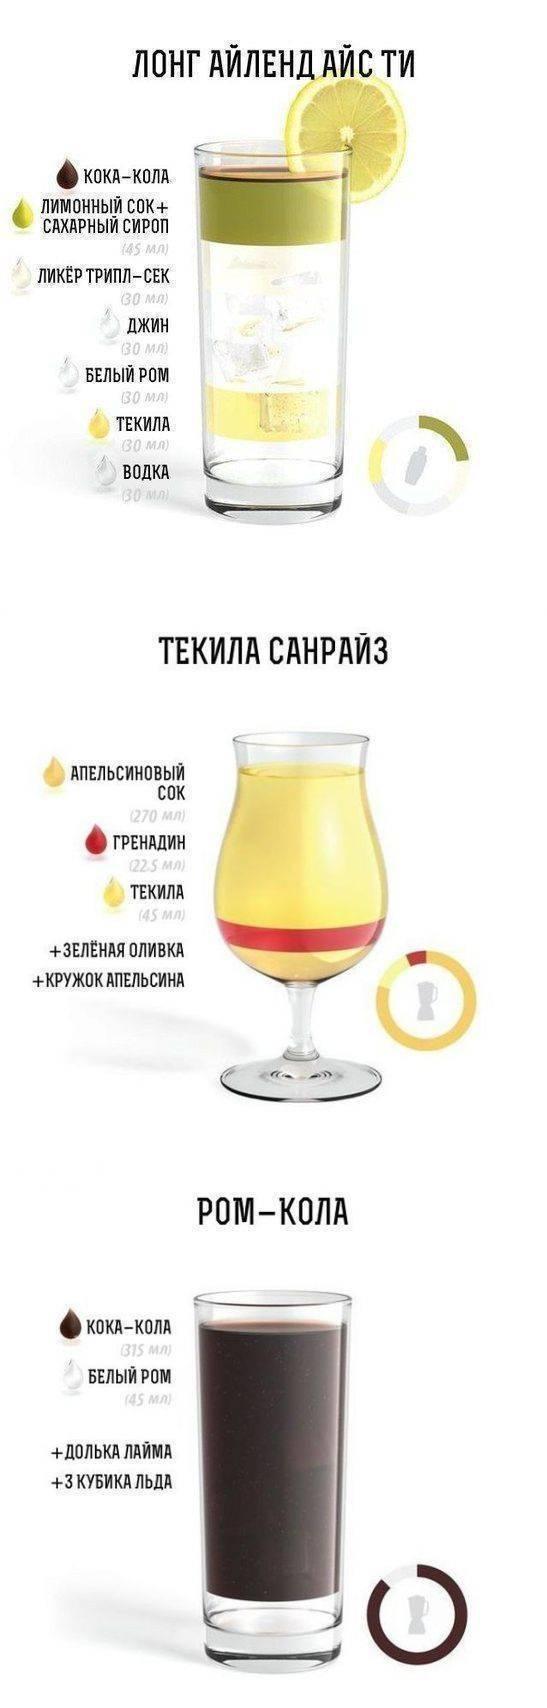 Коктейли с джином: рецепты приготовления. лучшие коктейли на основе джина